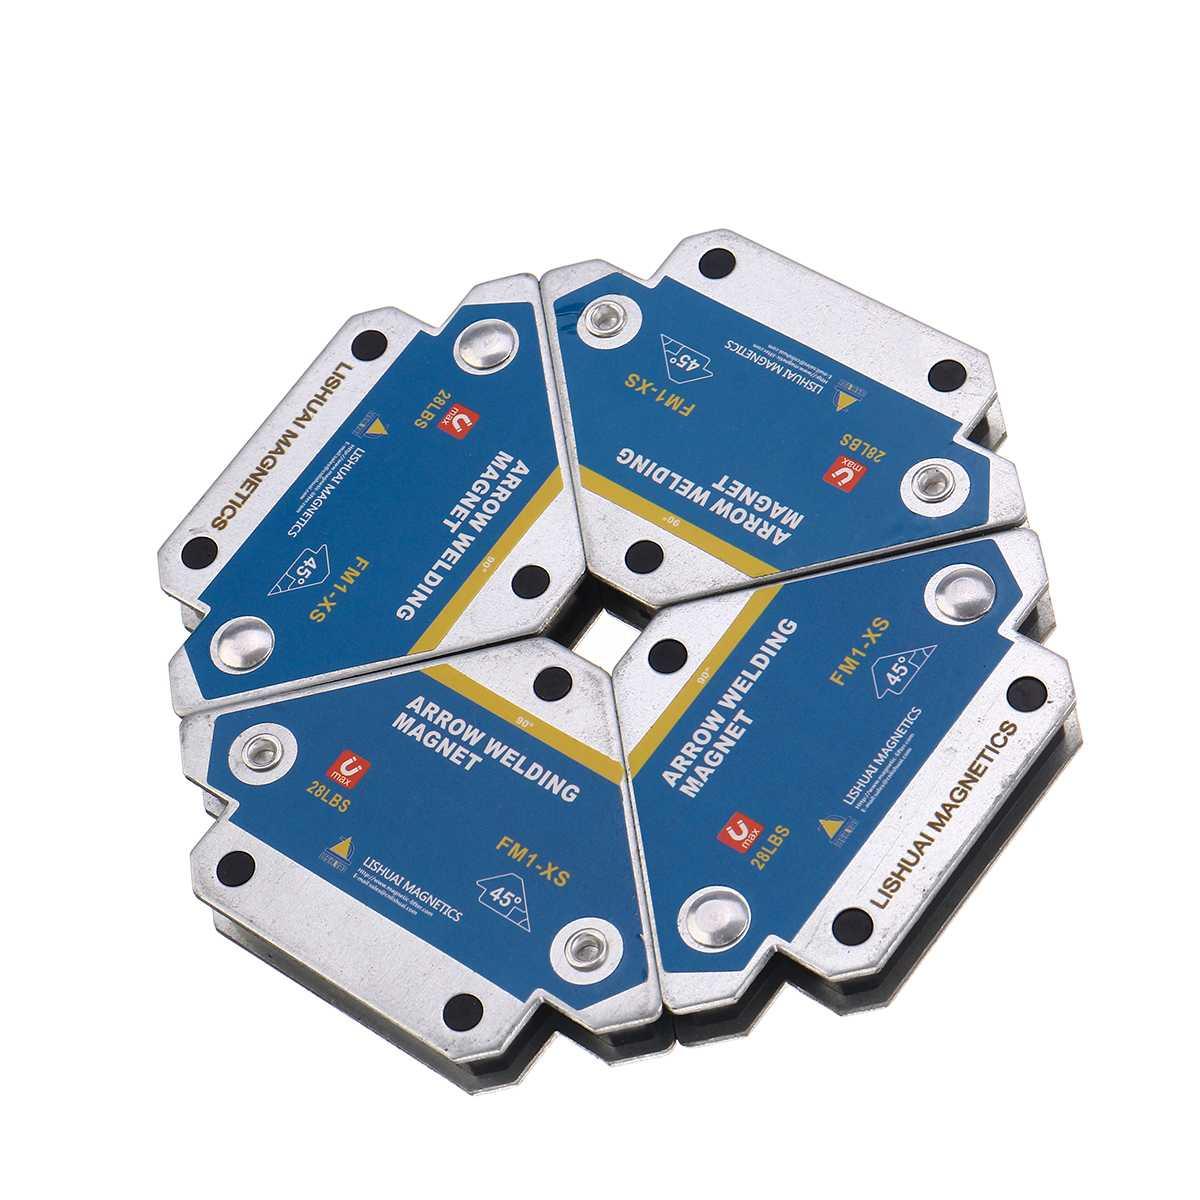 4 шт. магнитные сварочные держатели, многоугольный припой со стрелкой, магнитный фиксатор сварки, позиционер, Ферритовое удержание, вспомог...